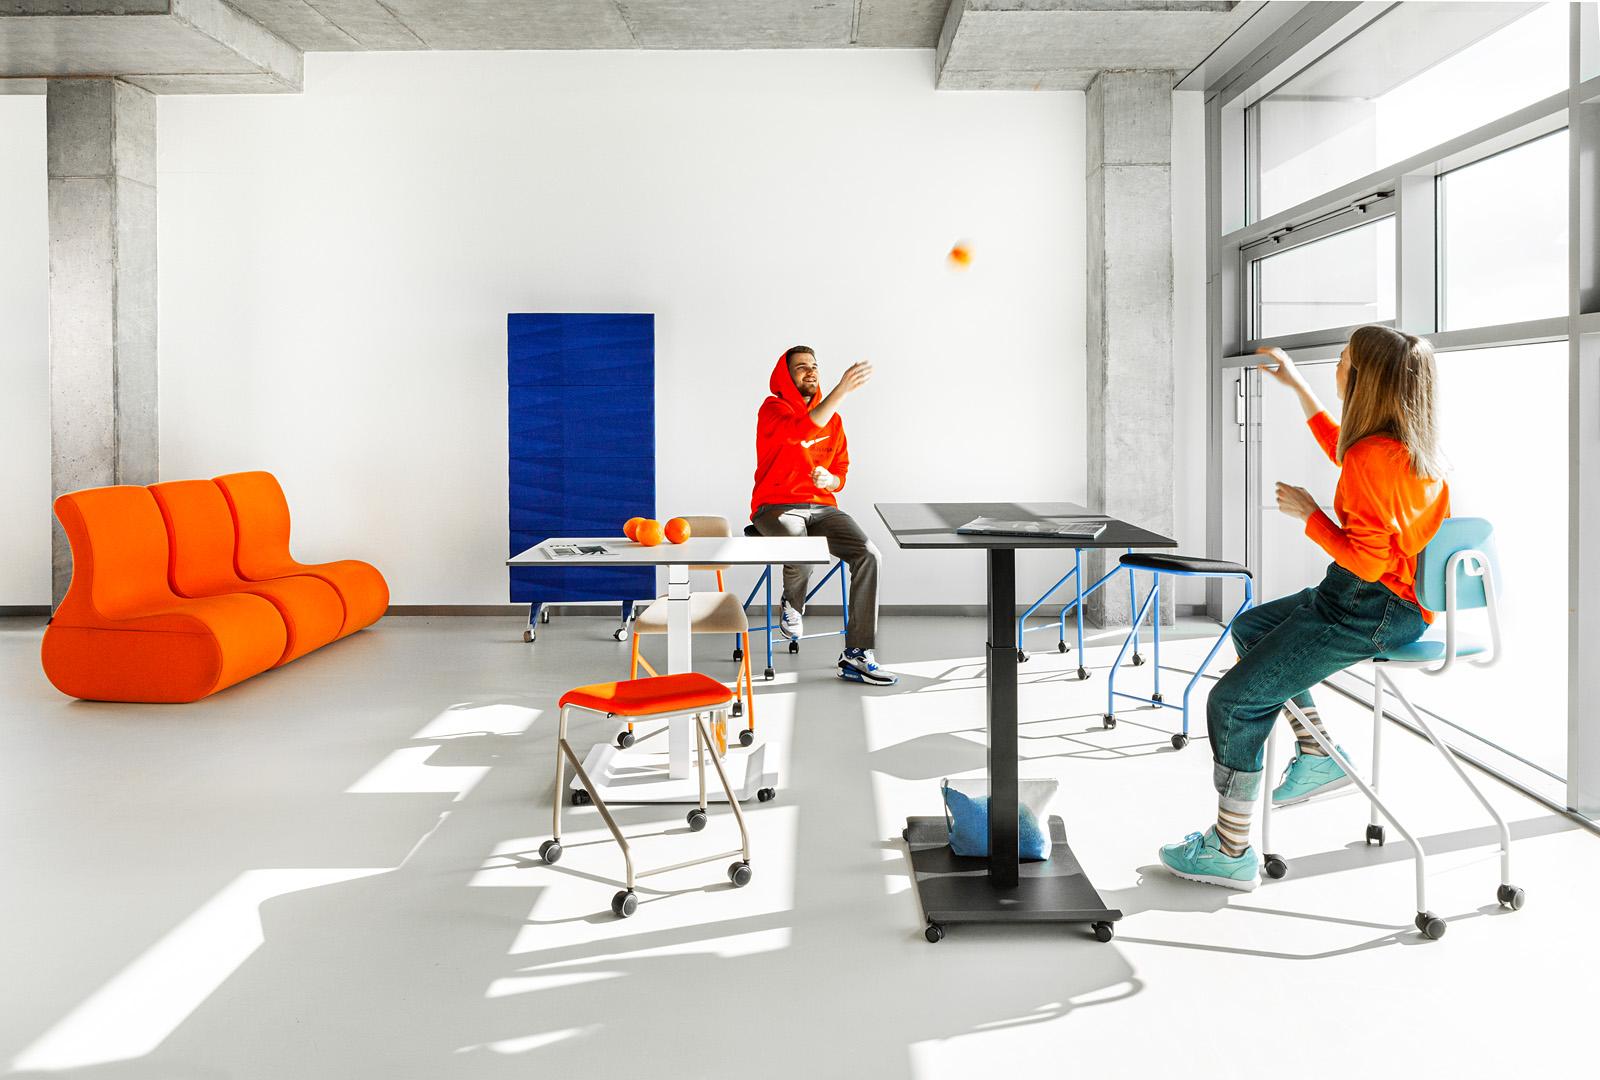 VANK przedstawia mobilne meble do szybkich spotkań